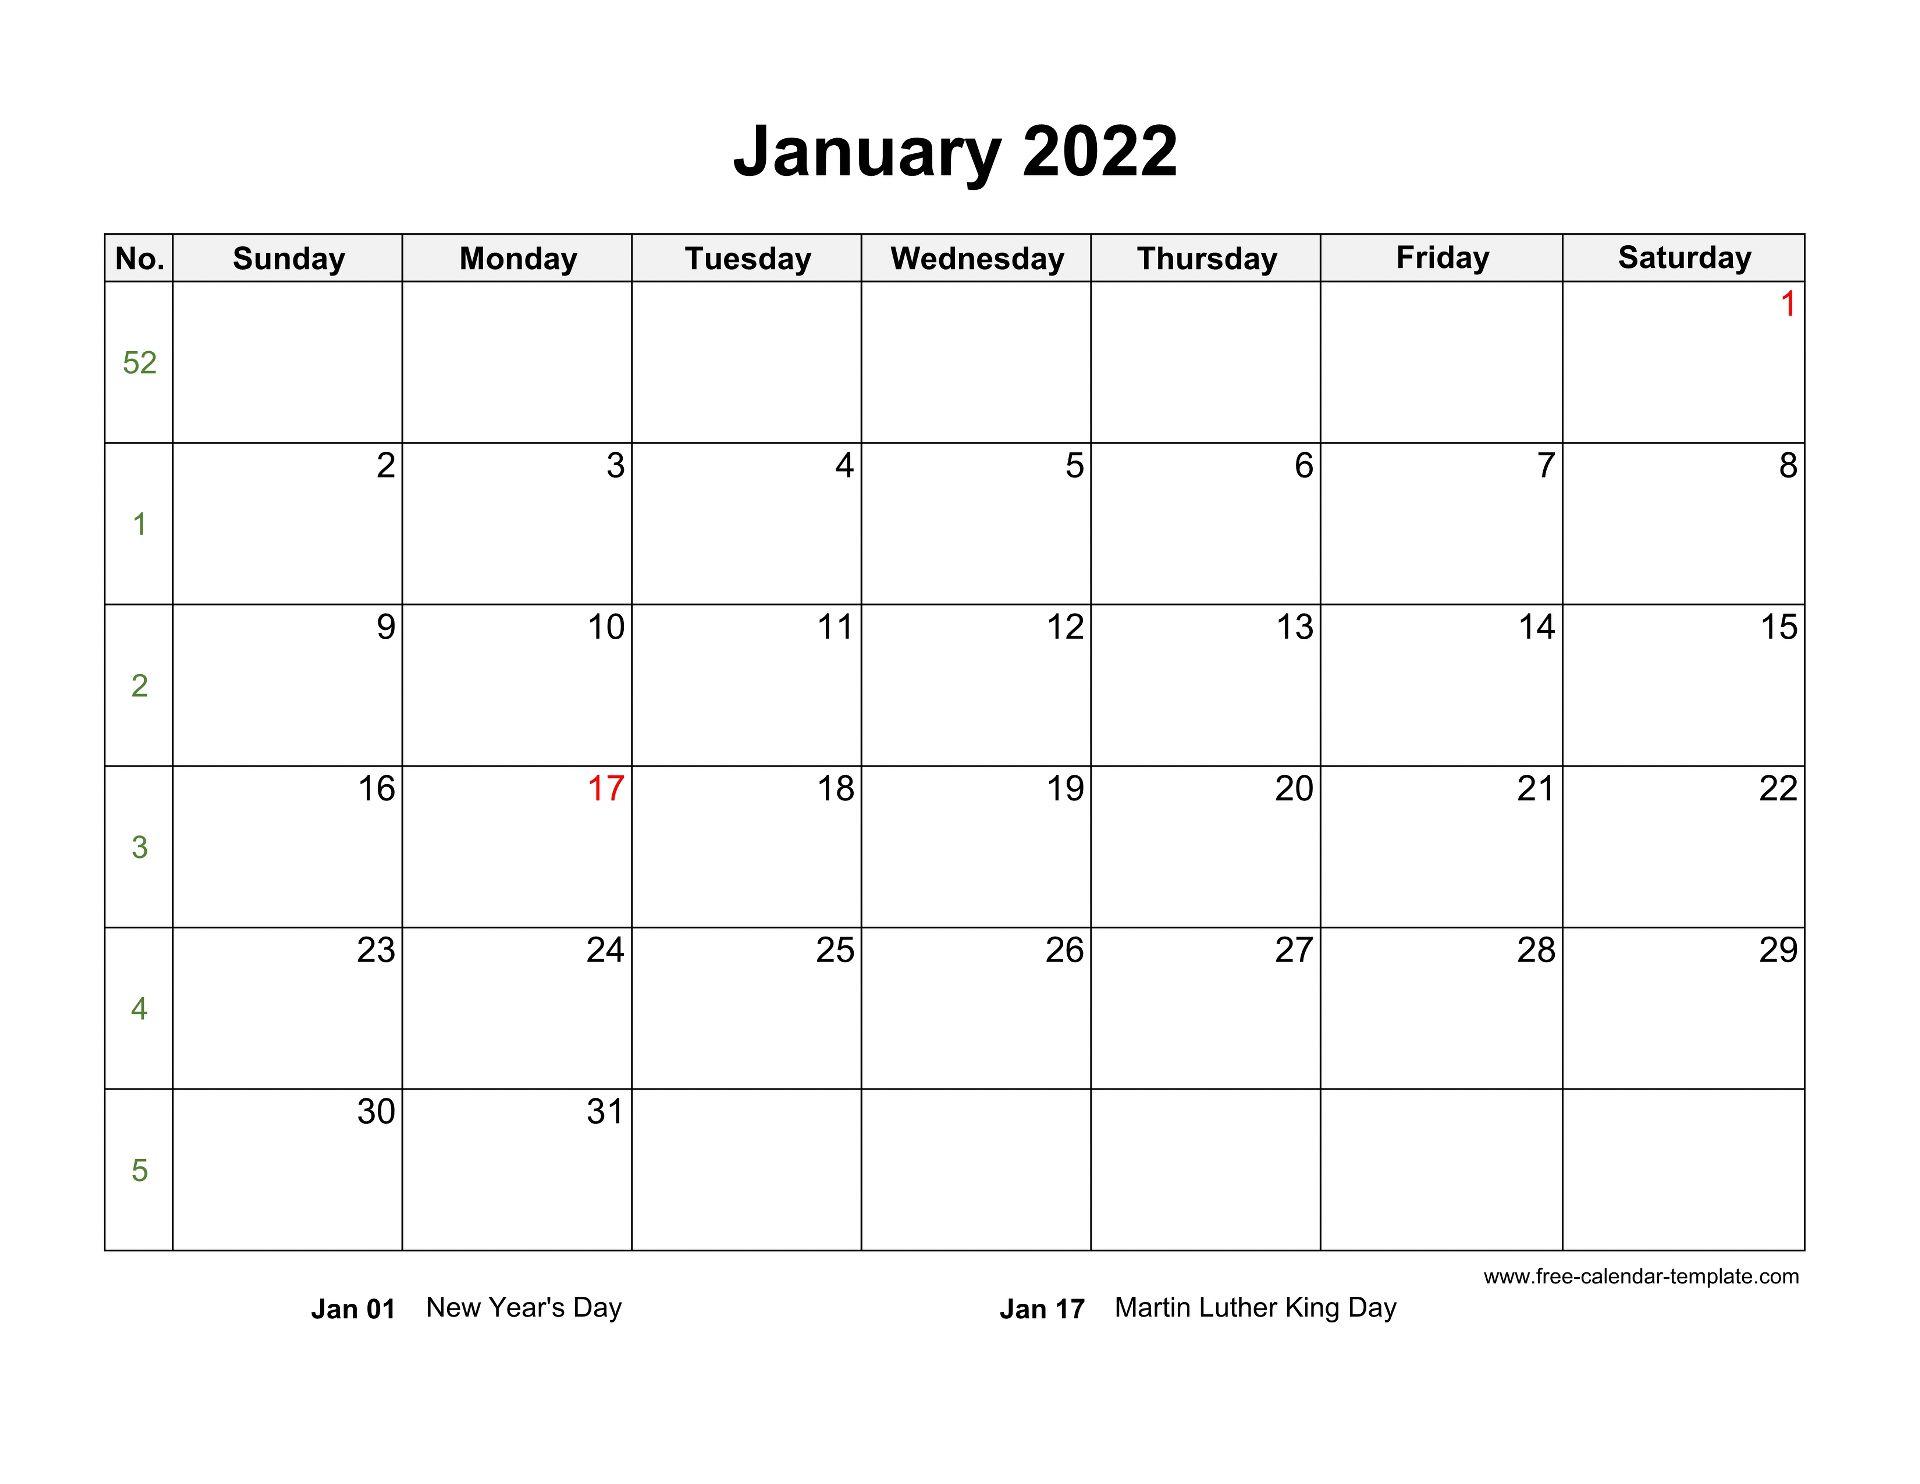 January 2022 Calendar Holidays.Free 2022 Calendar Blank January Template Horizontal Free Calendar Template Com